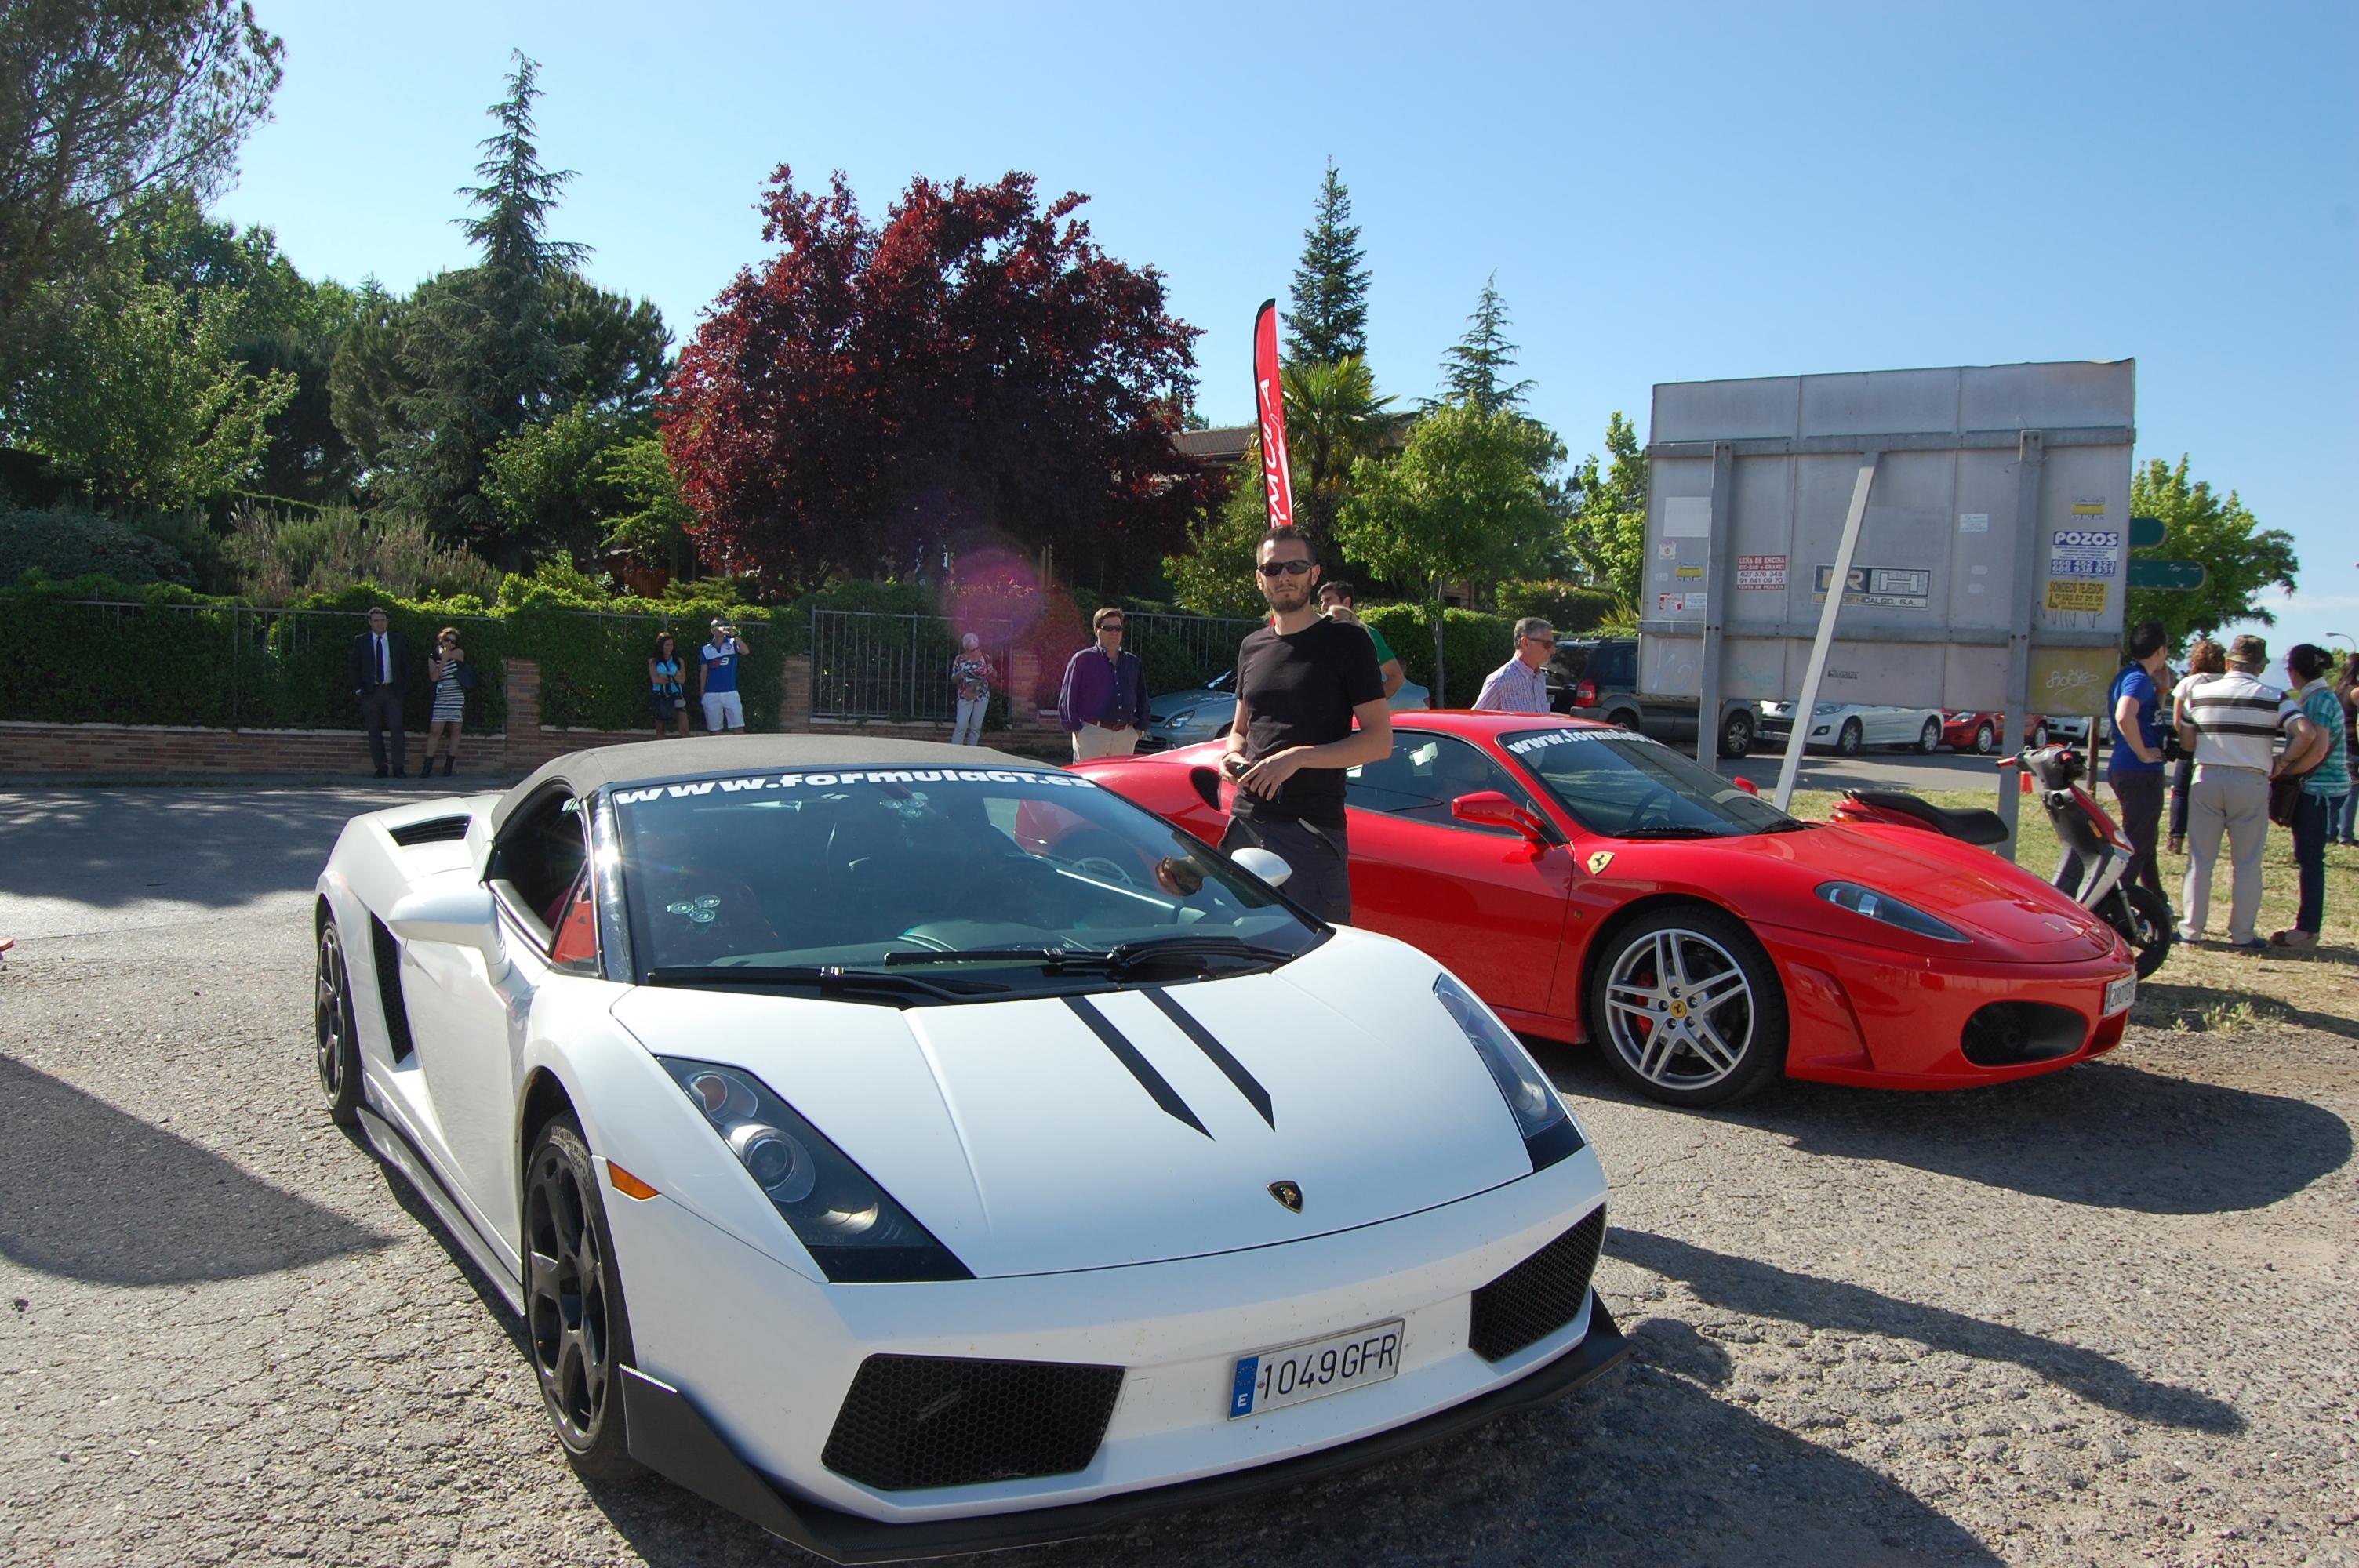 Prueba: Lamborghini Gallardo Spyder ¿Merece la pena alquilar uno?